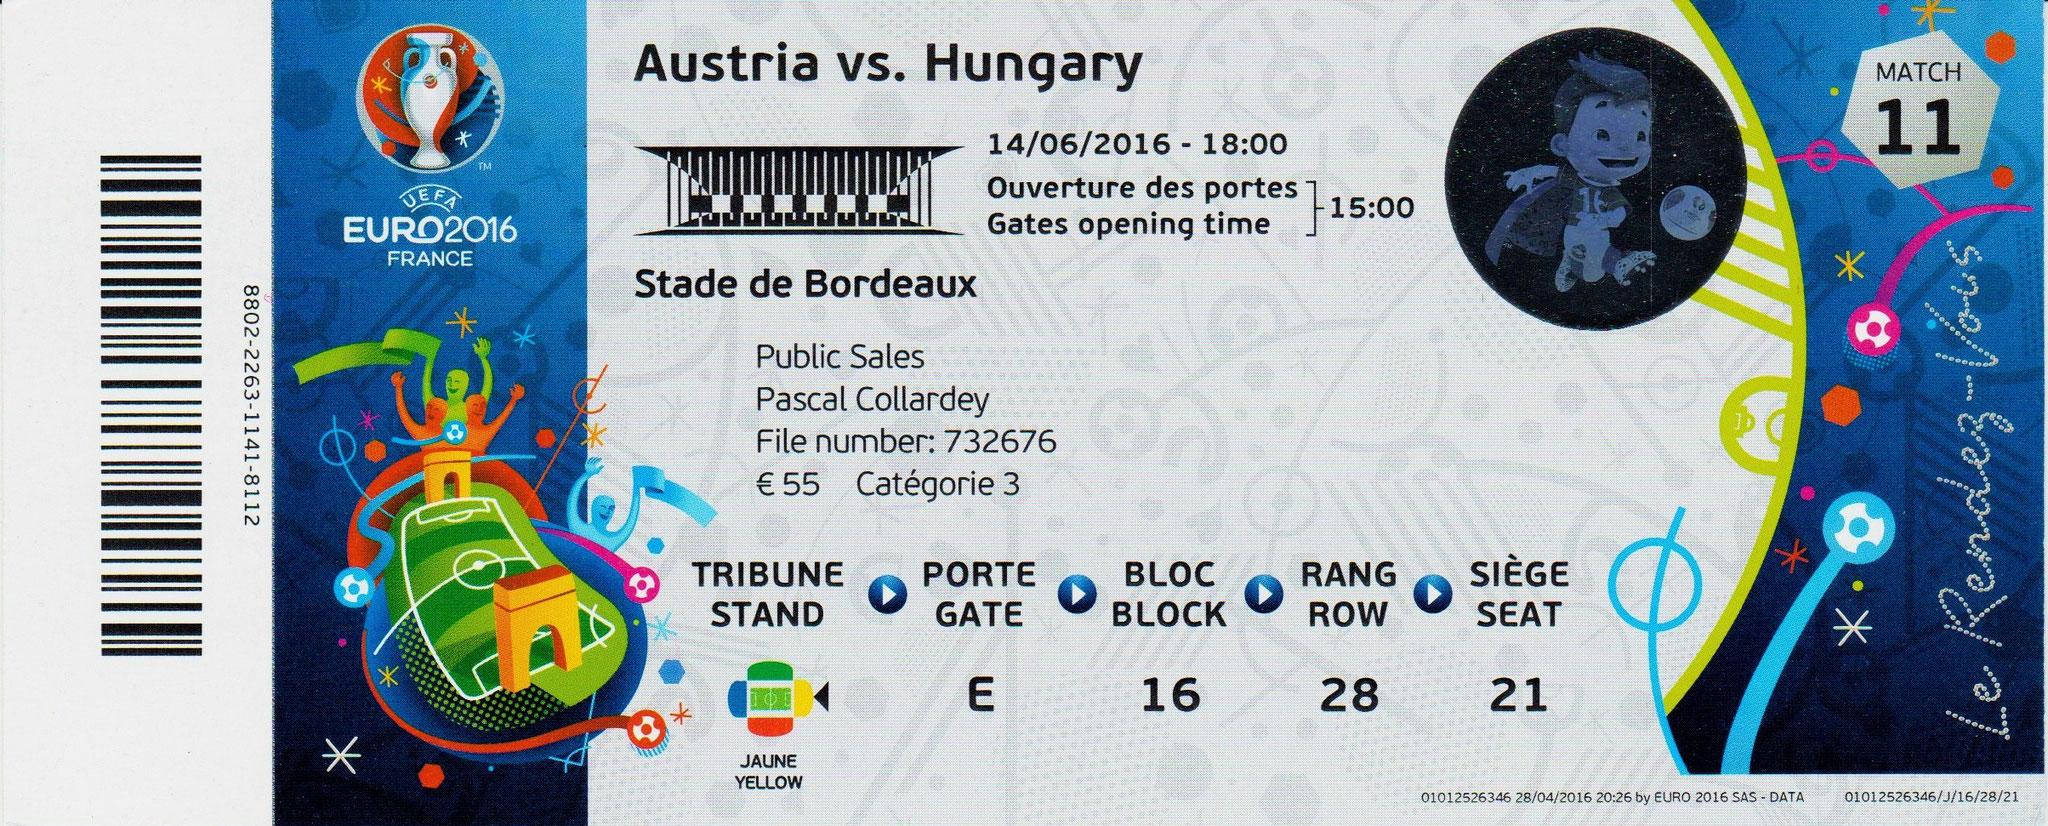 14/06/2016 Bordeaux : Hongrie  2 - 0  Autriche > Szalai, Stieber (Hun) <